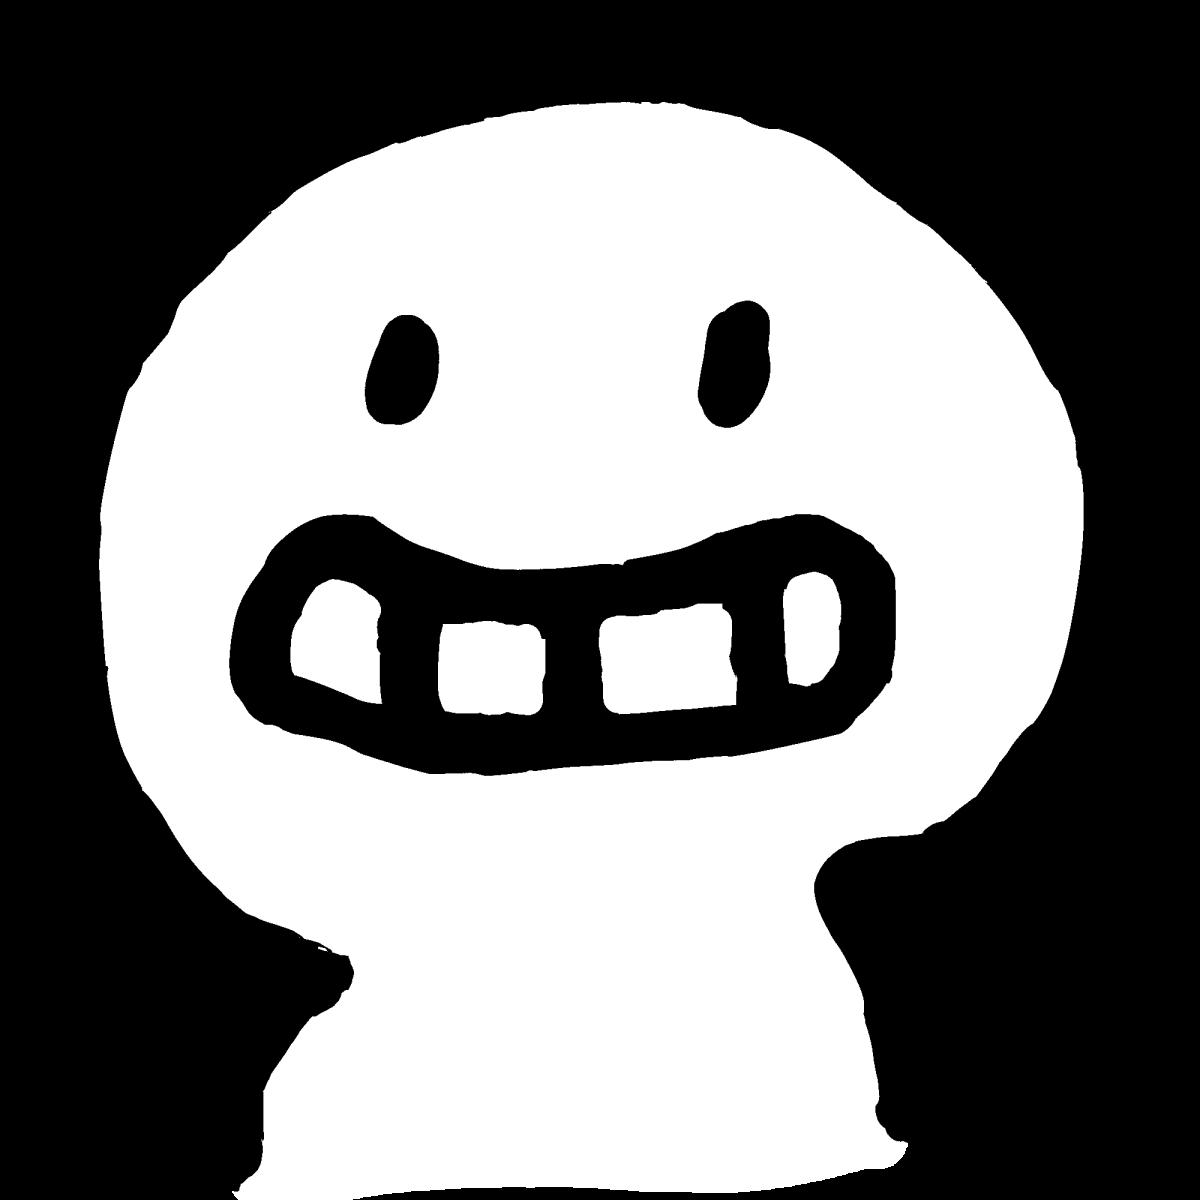 にやり笑顔のイラスト / smile on someone's face Illustration